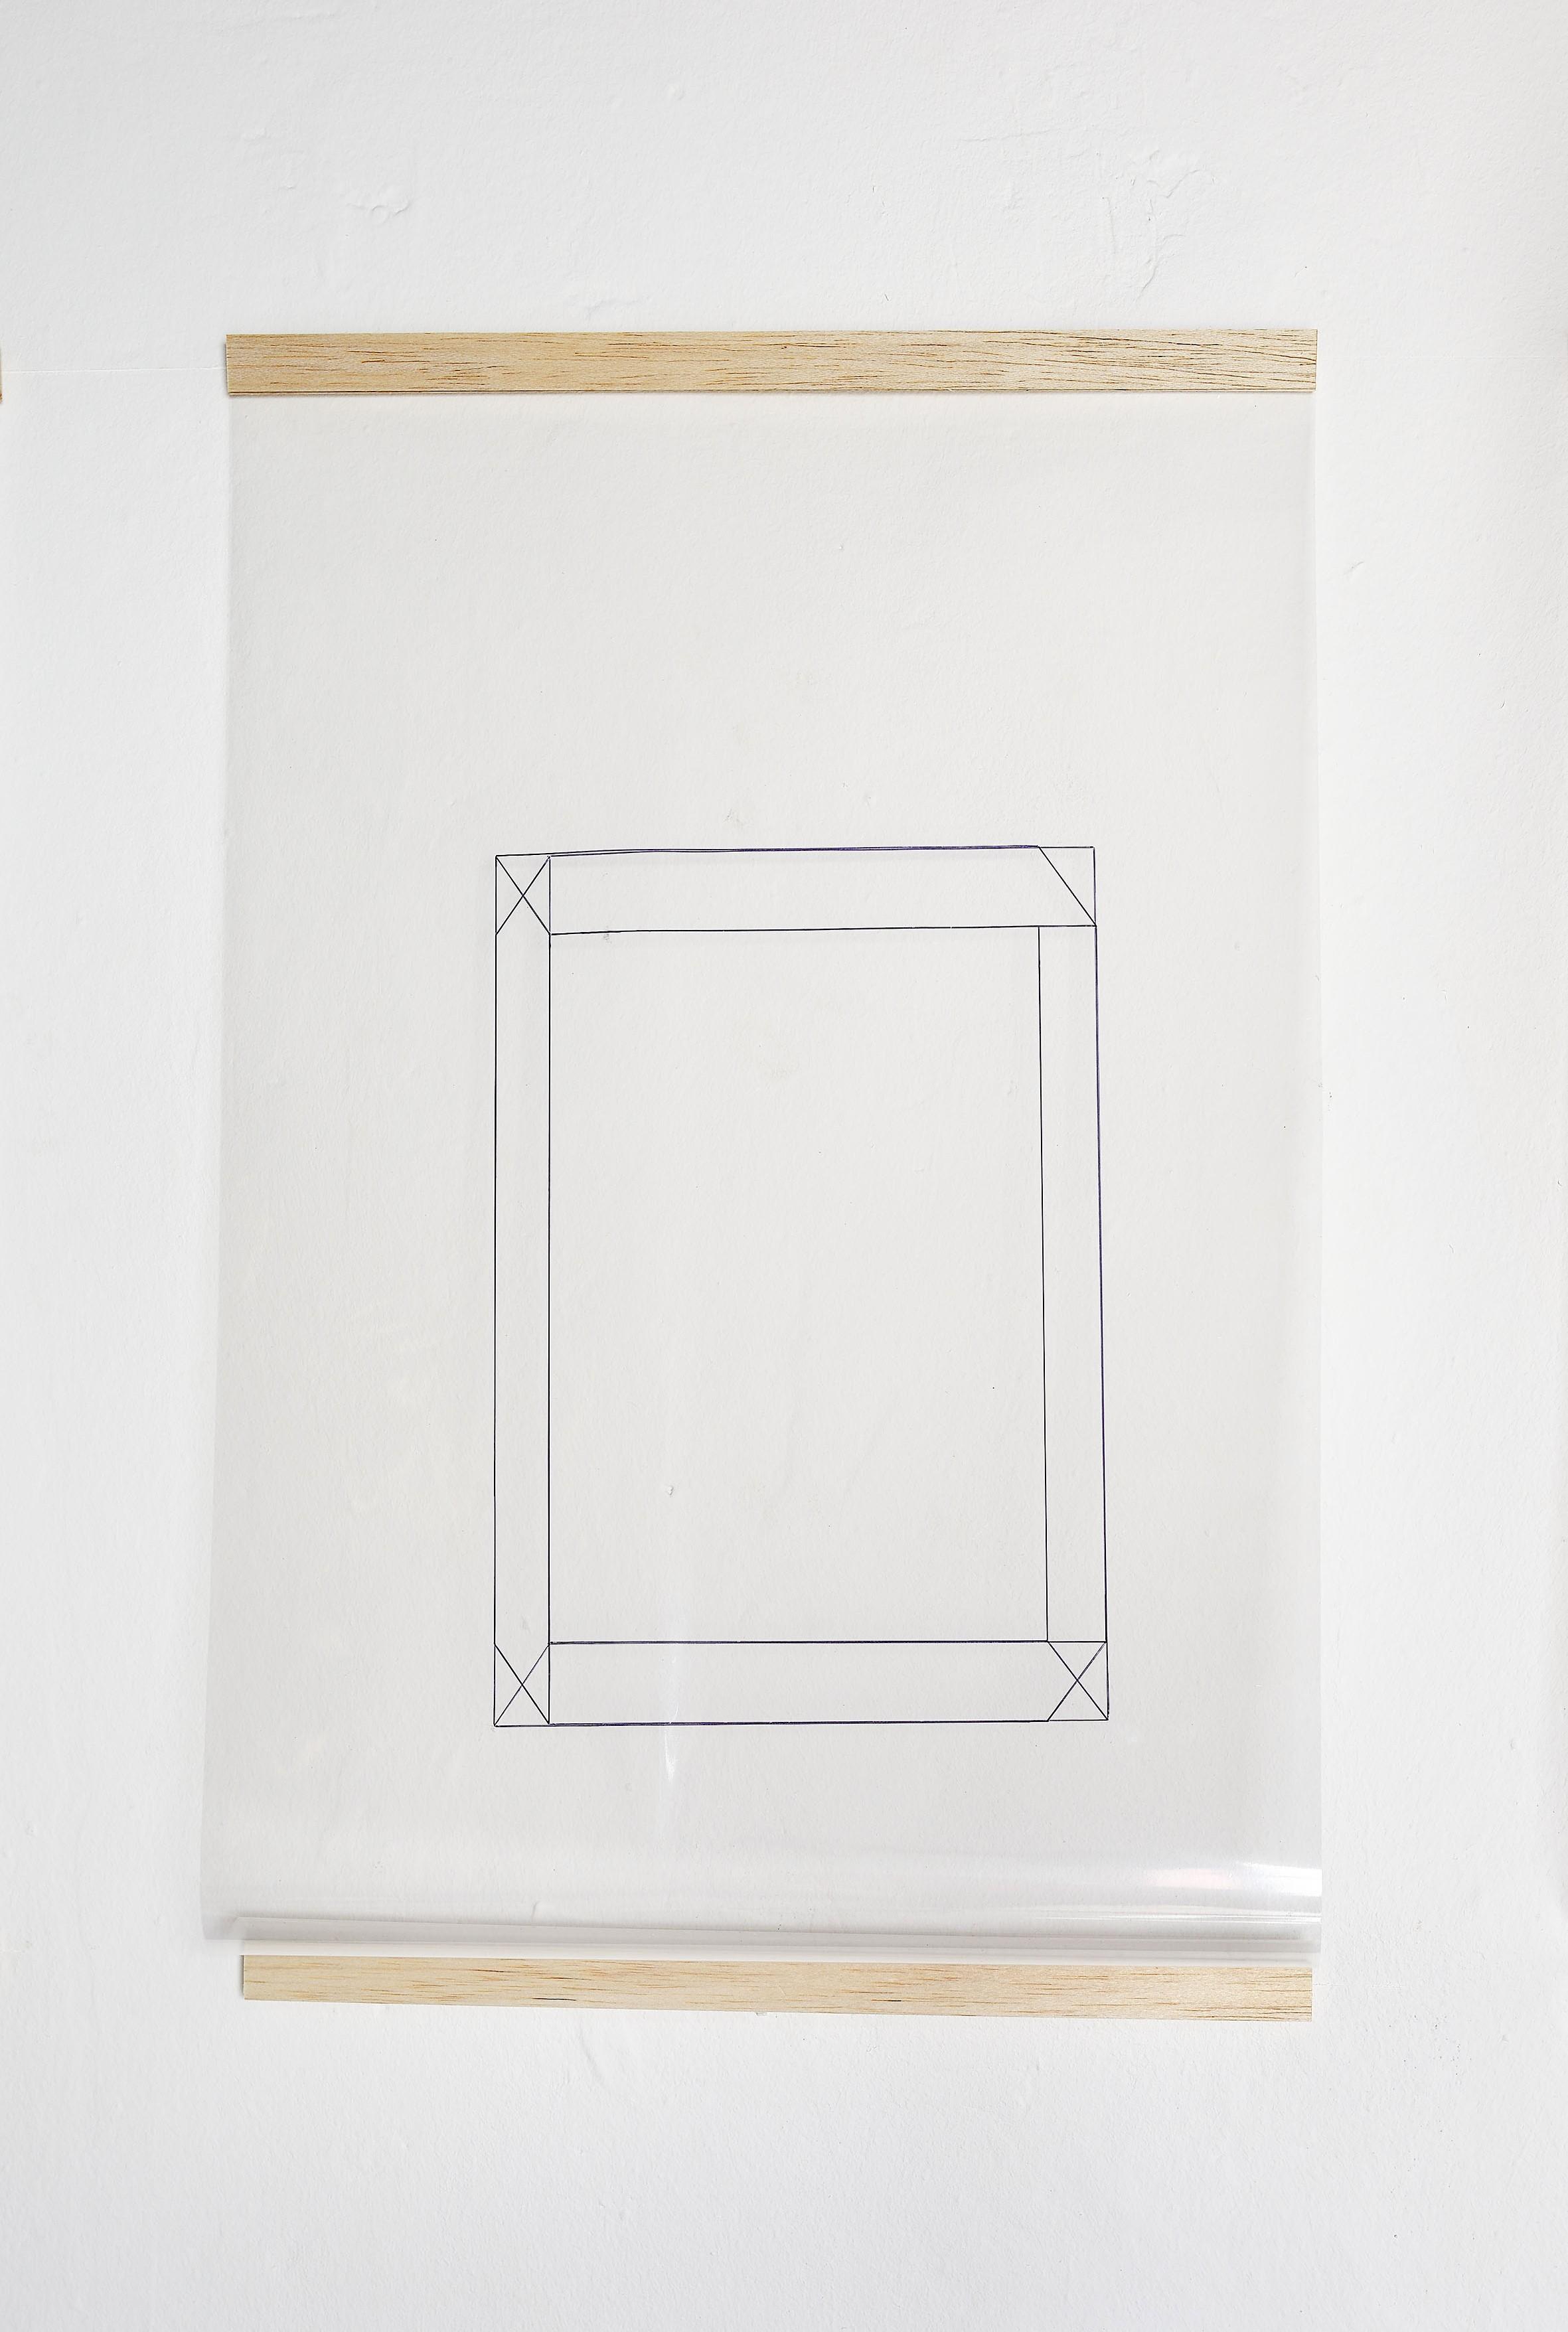 Gizela Mickiewicz, Zadużo żebyrozpoznać, pisak nafolii transparentnej, 2013